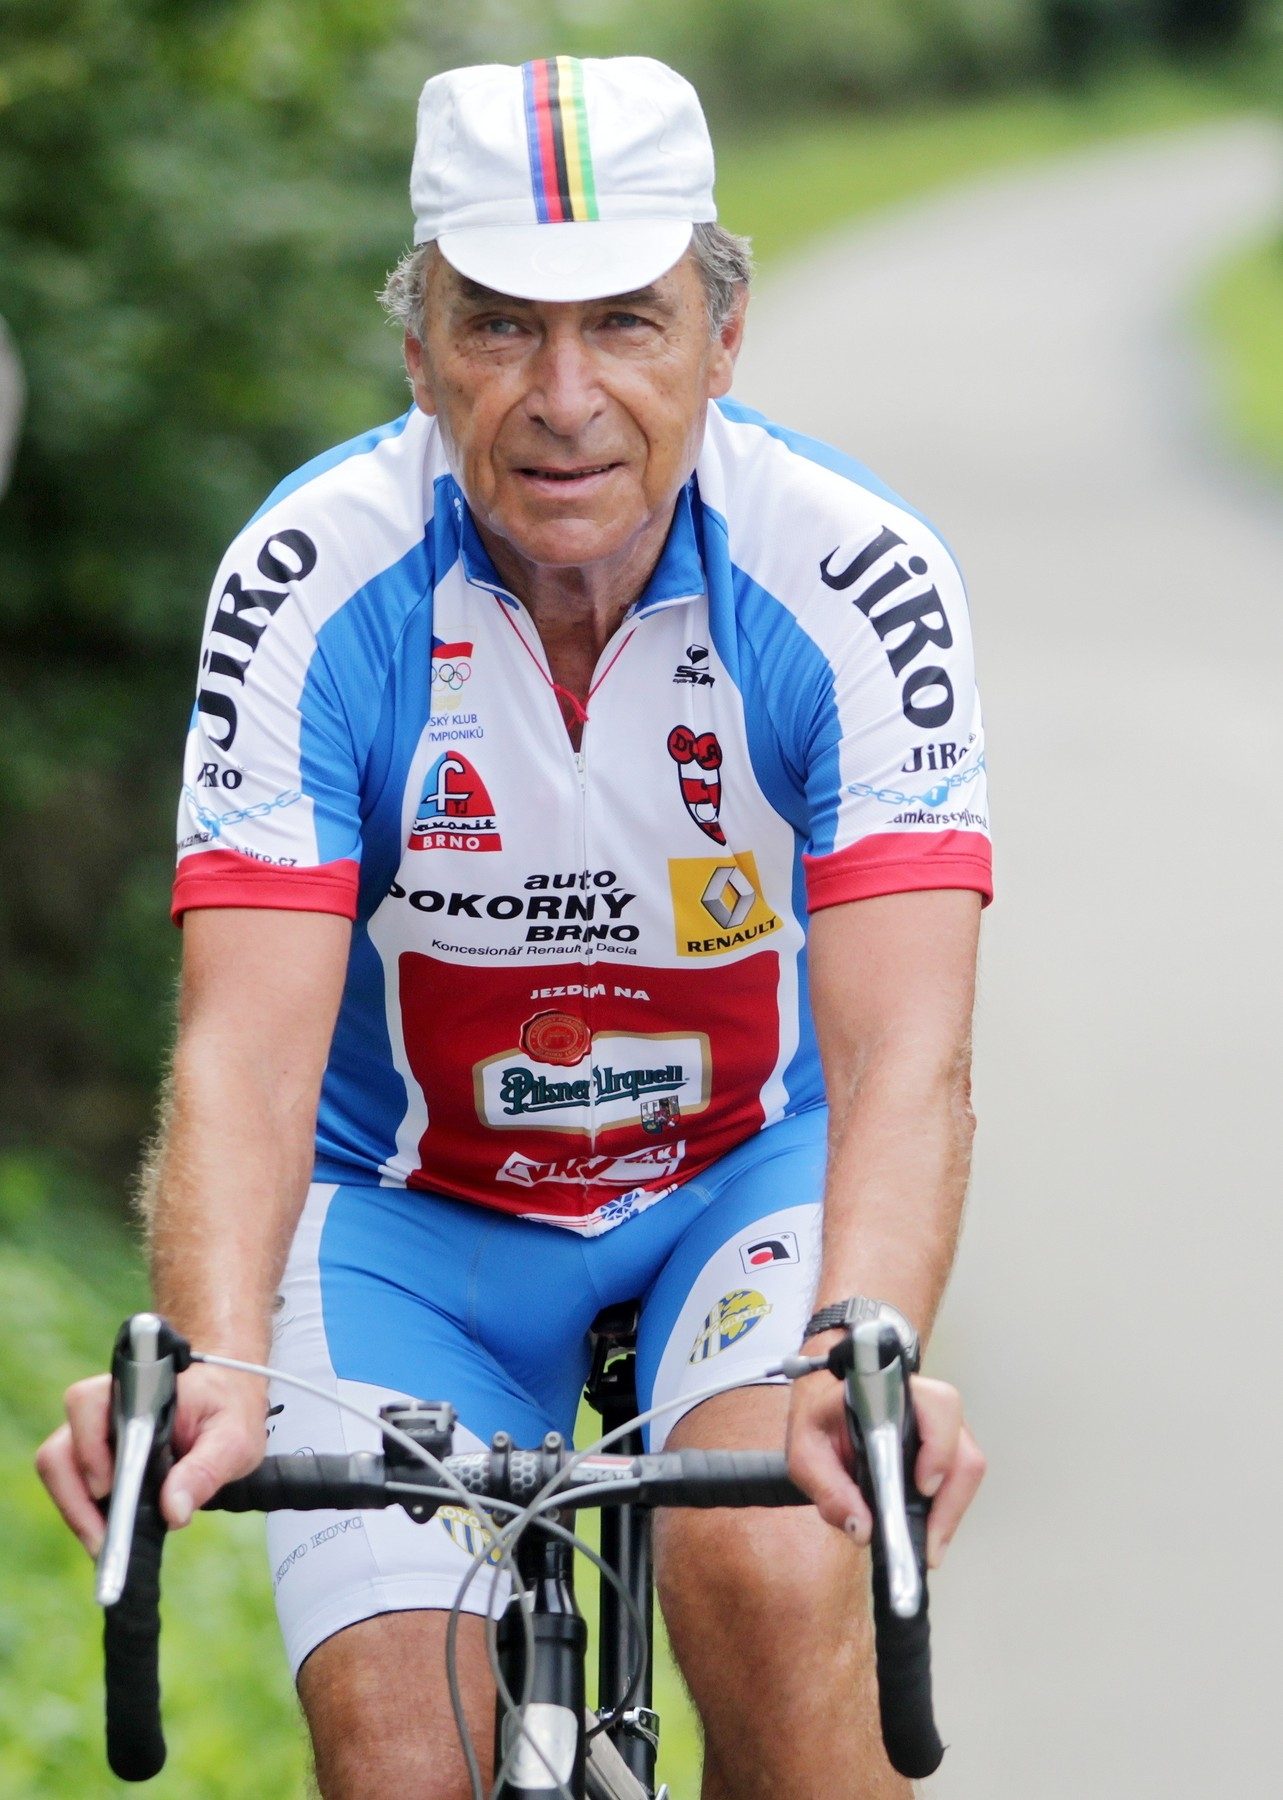 Jiří Daler je stále aktivní a pravidelně jezdí na kole. Foto: profimedia